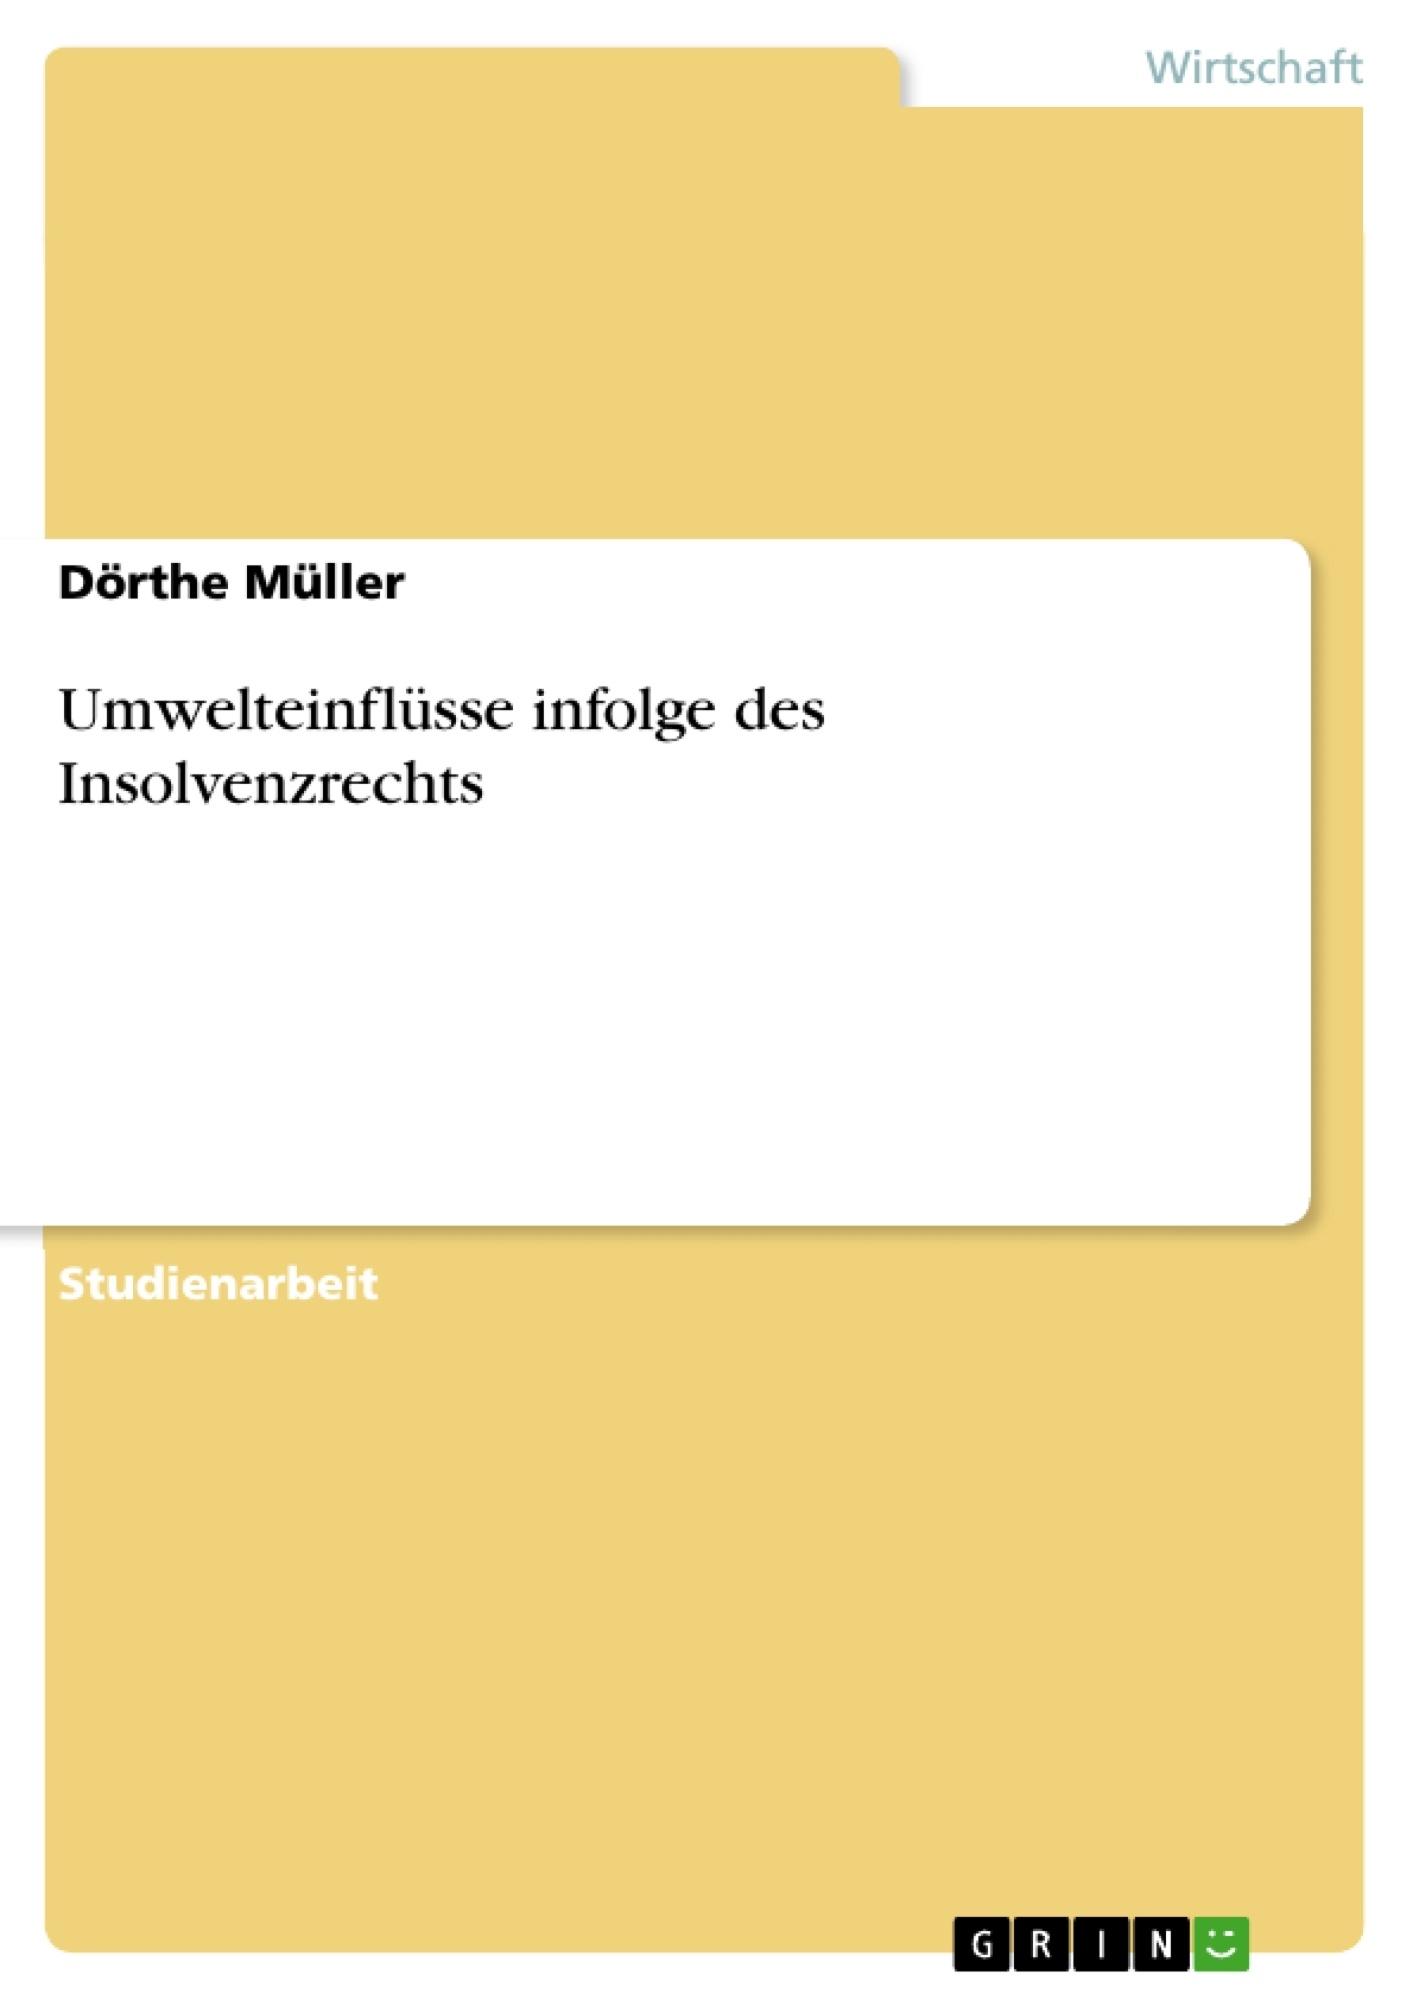 Titel: Umwelteinflüsse infolge des Insolvenzrechts